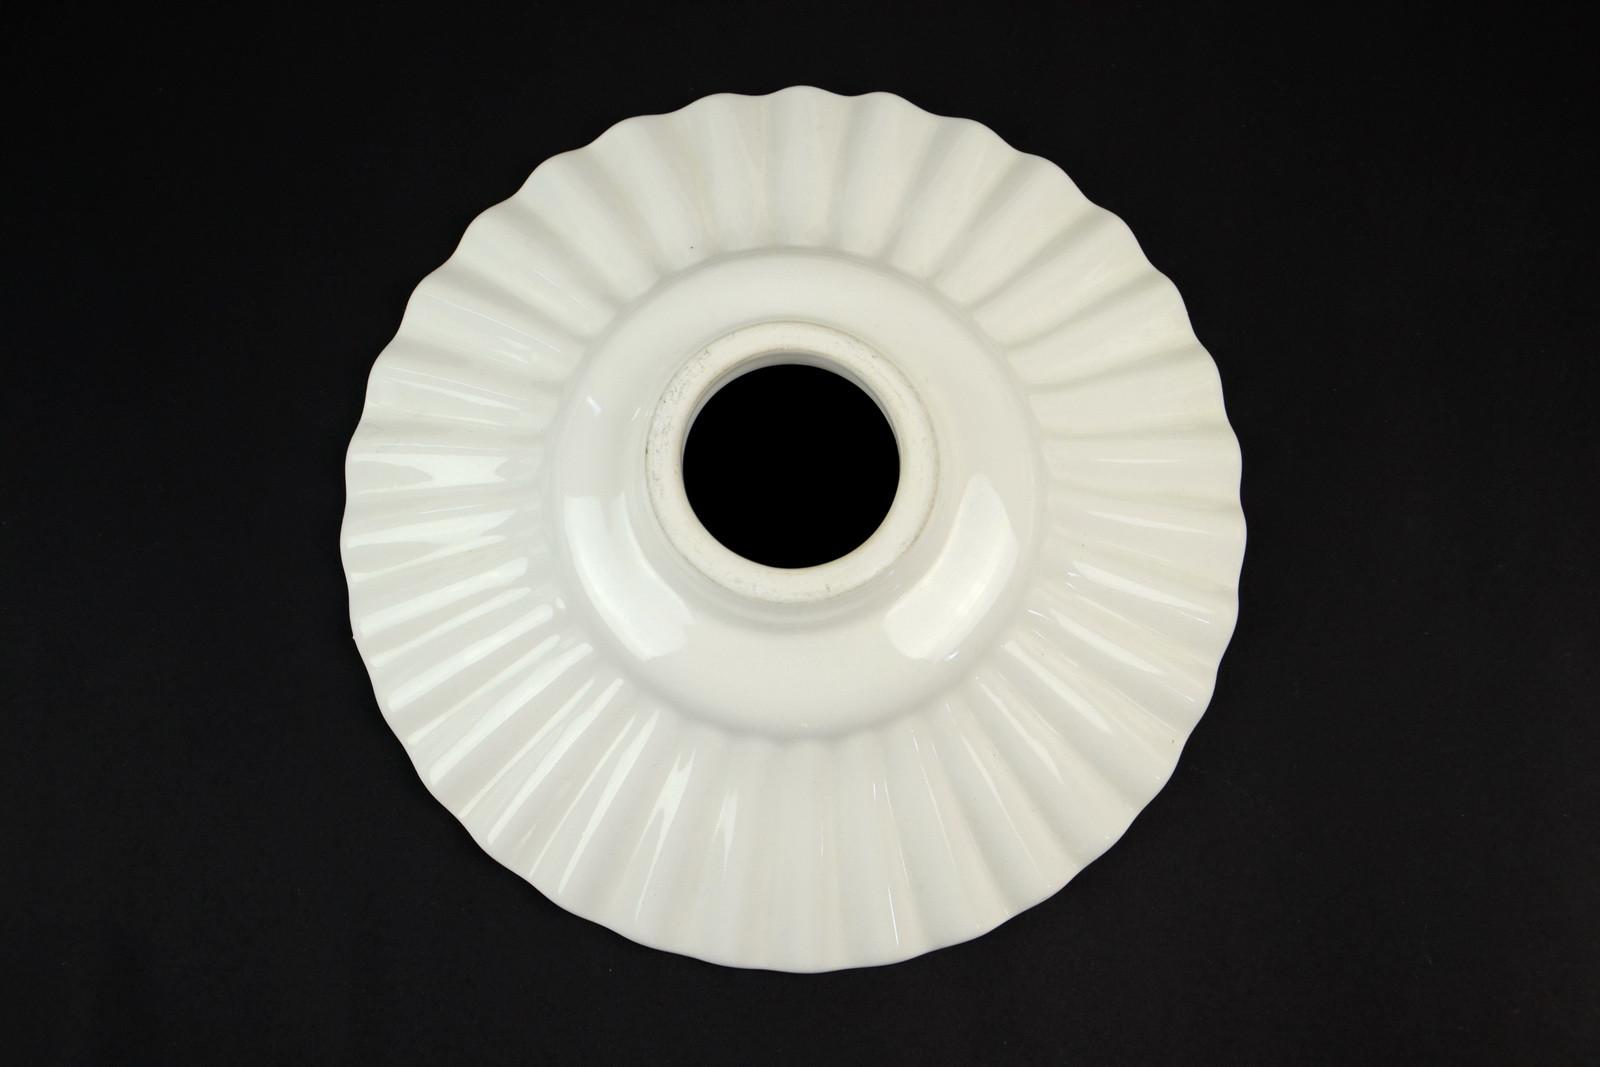 pv101-piatto-luce-in-ceramica-cm-19-3,1344.jpg?WebbinsCacheCounter=1